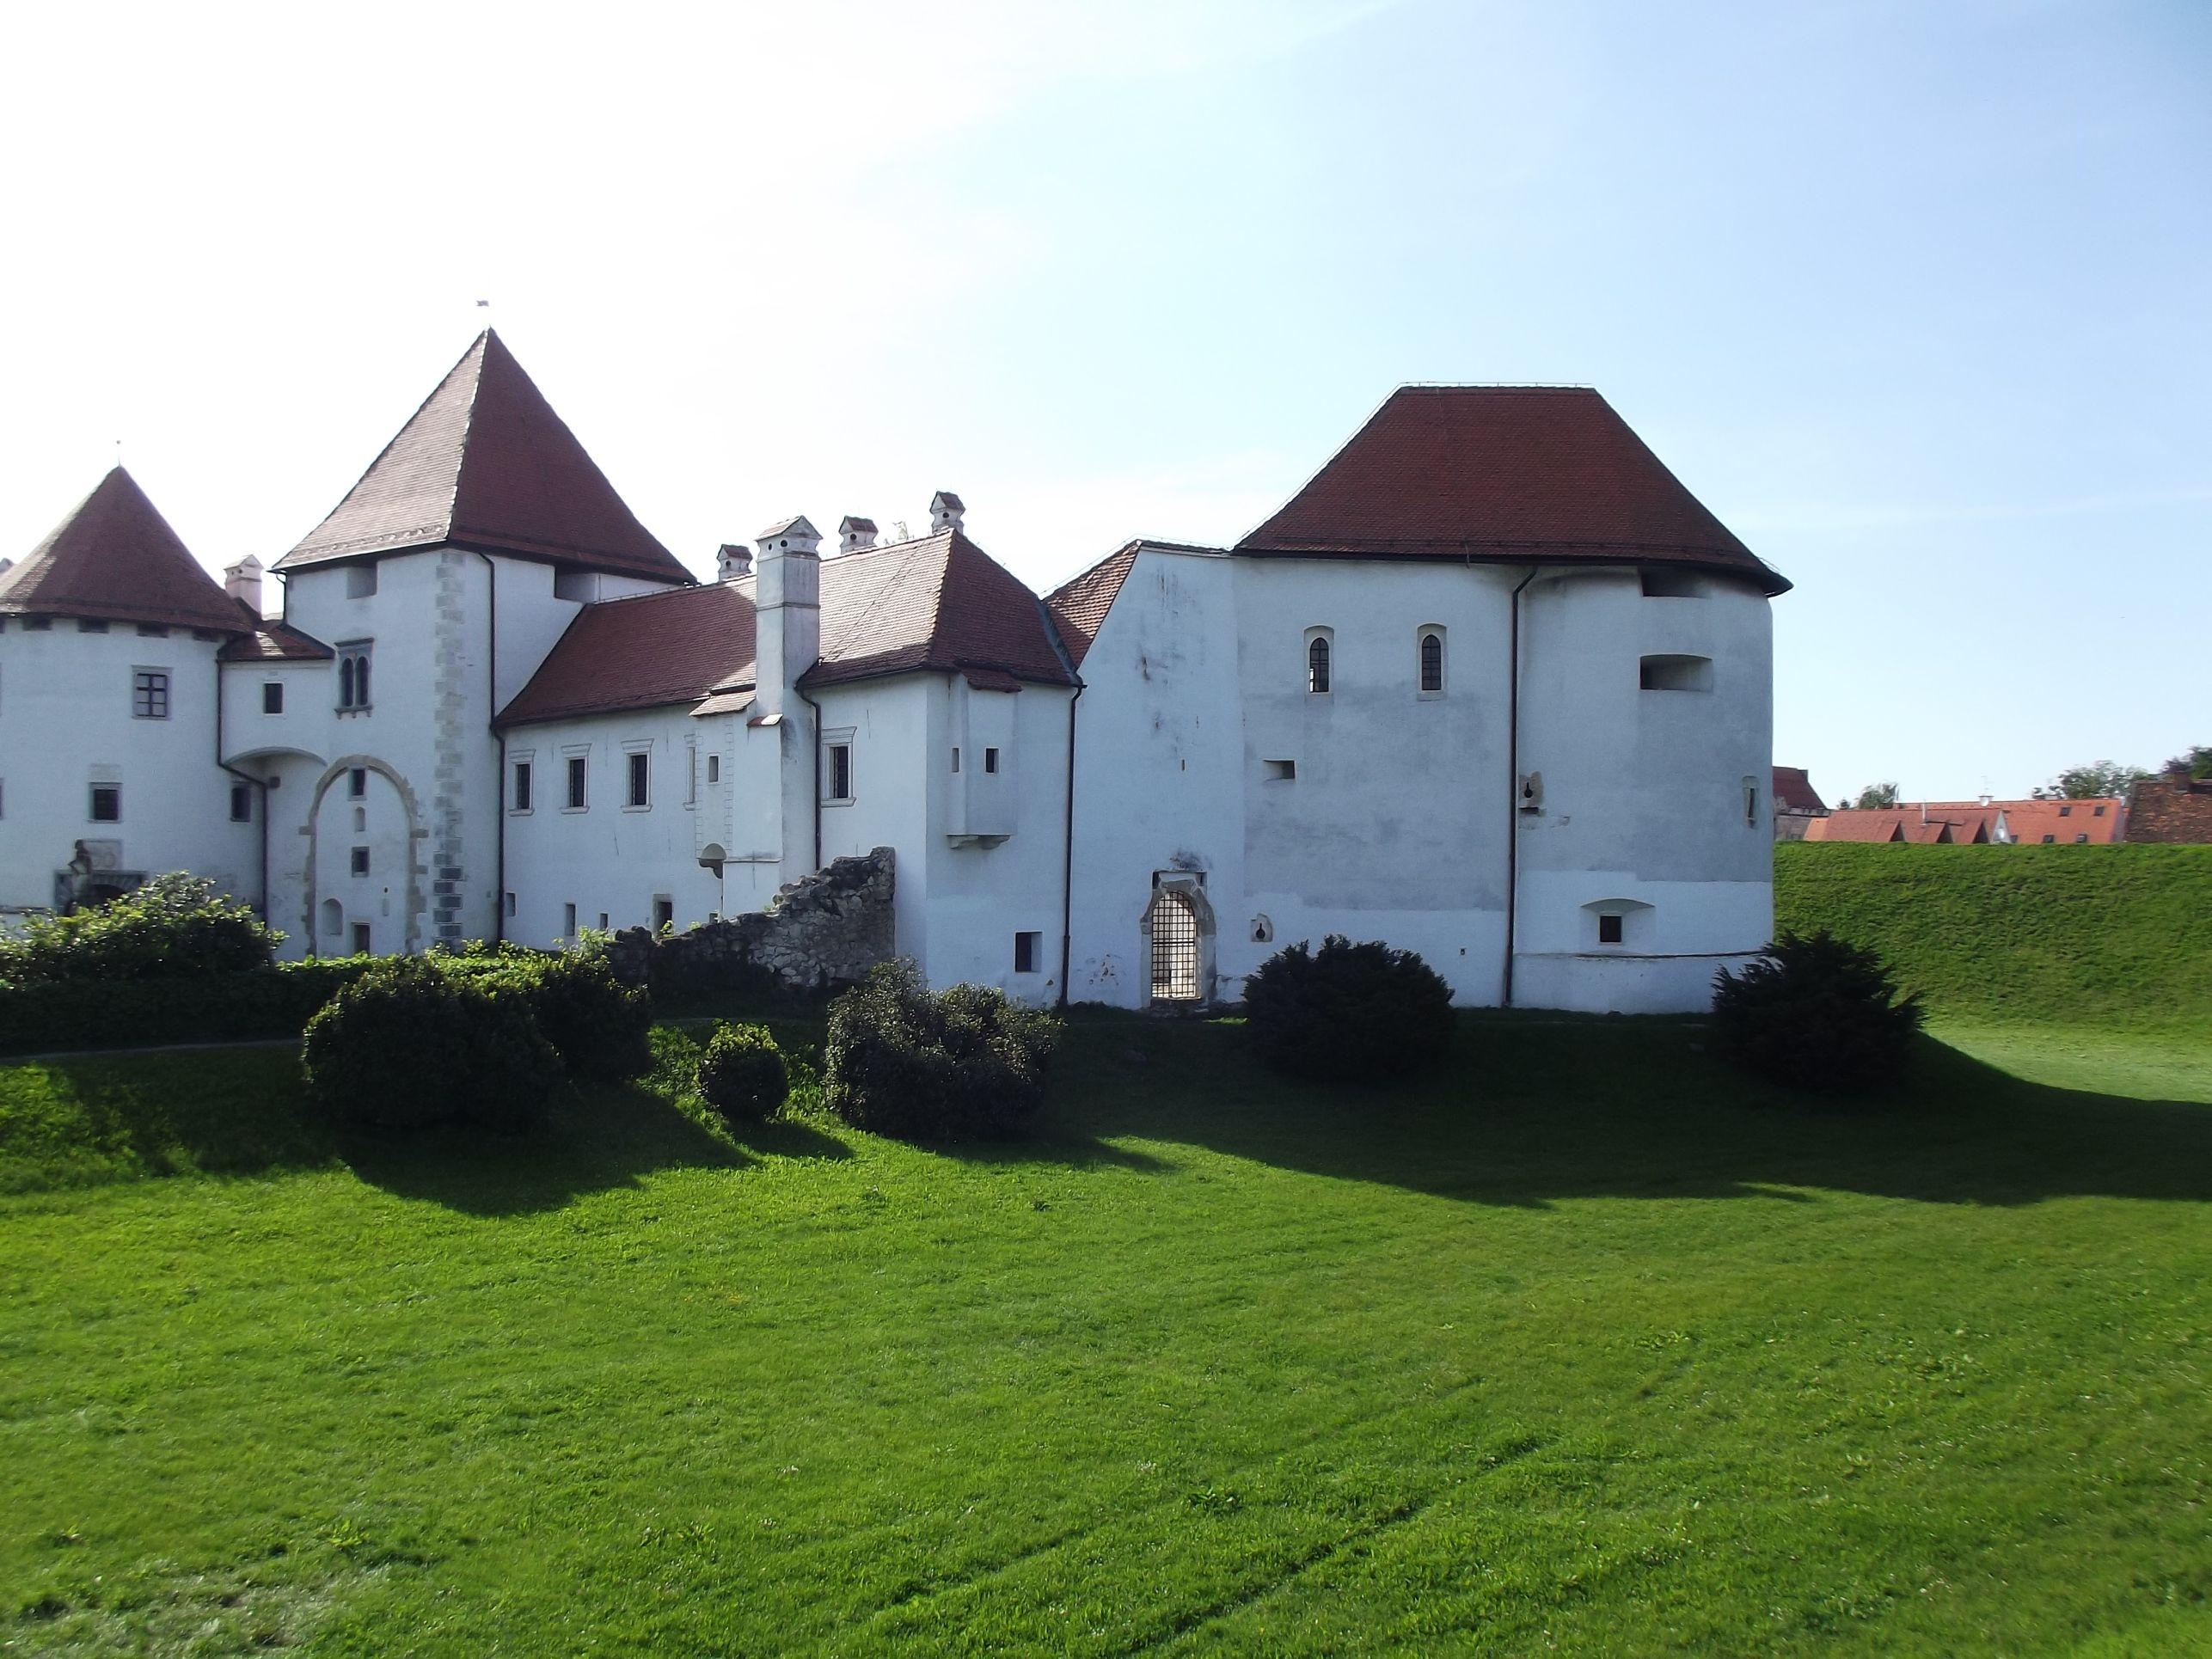 A vár nyáron